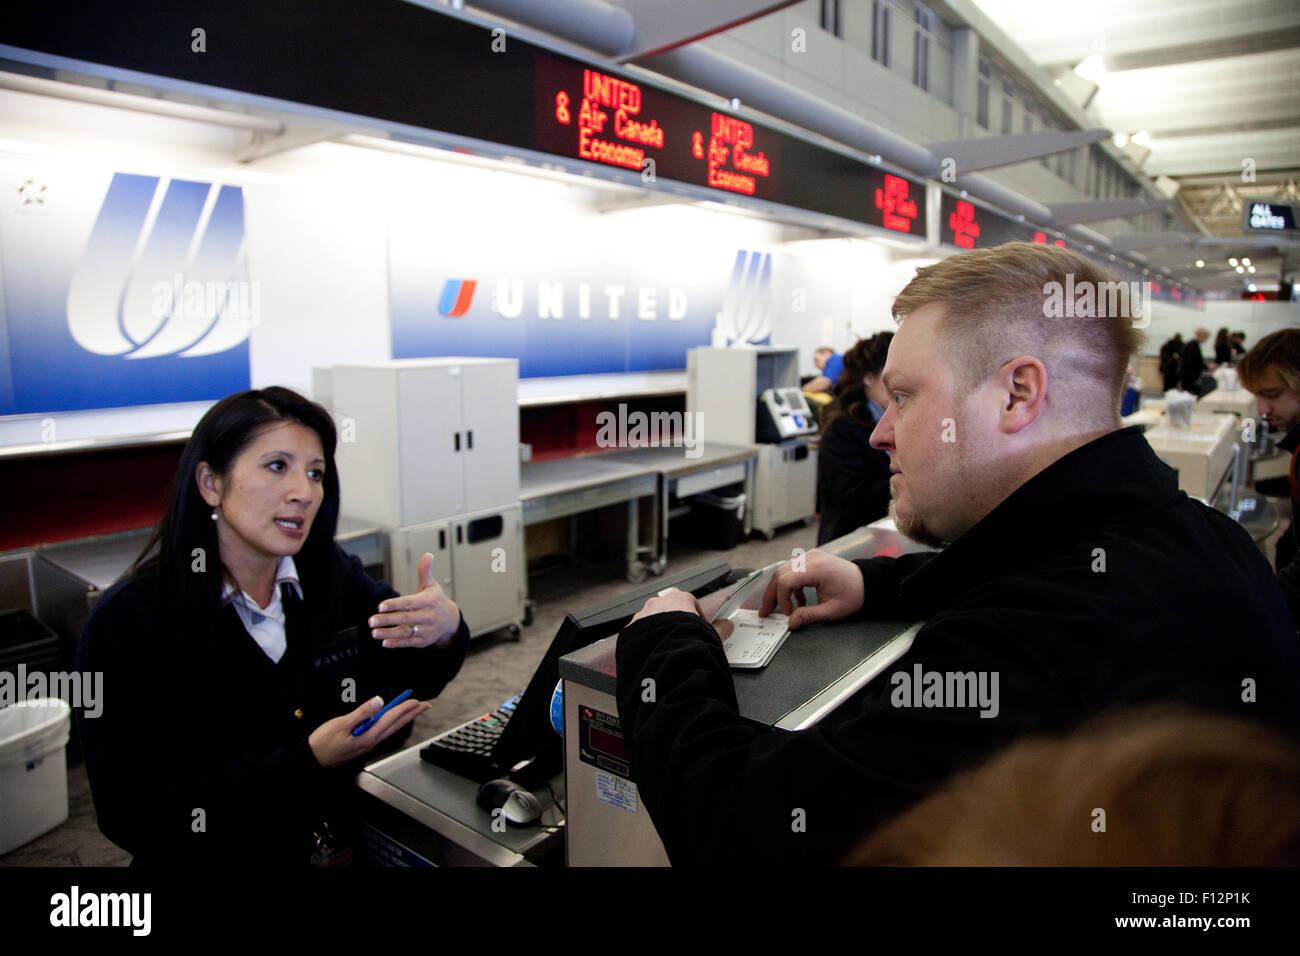 Comptoir greffier faisant des gestes avec ses mains avec son passager à l'enregistrement. Minneapolis Minnesota Photo Stock